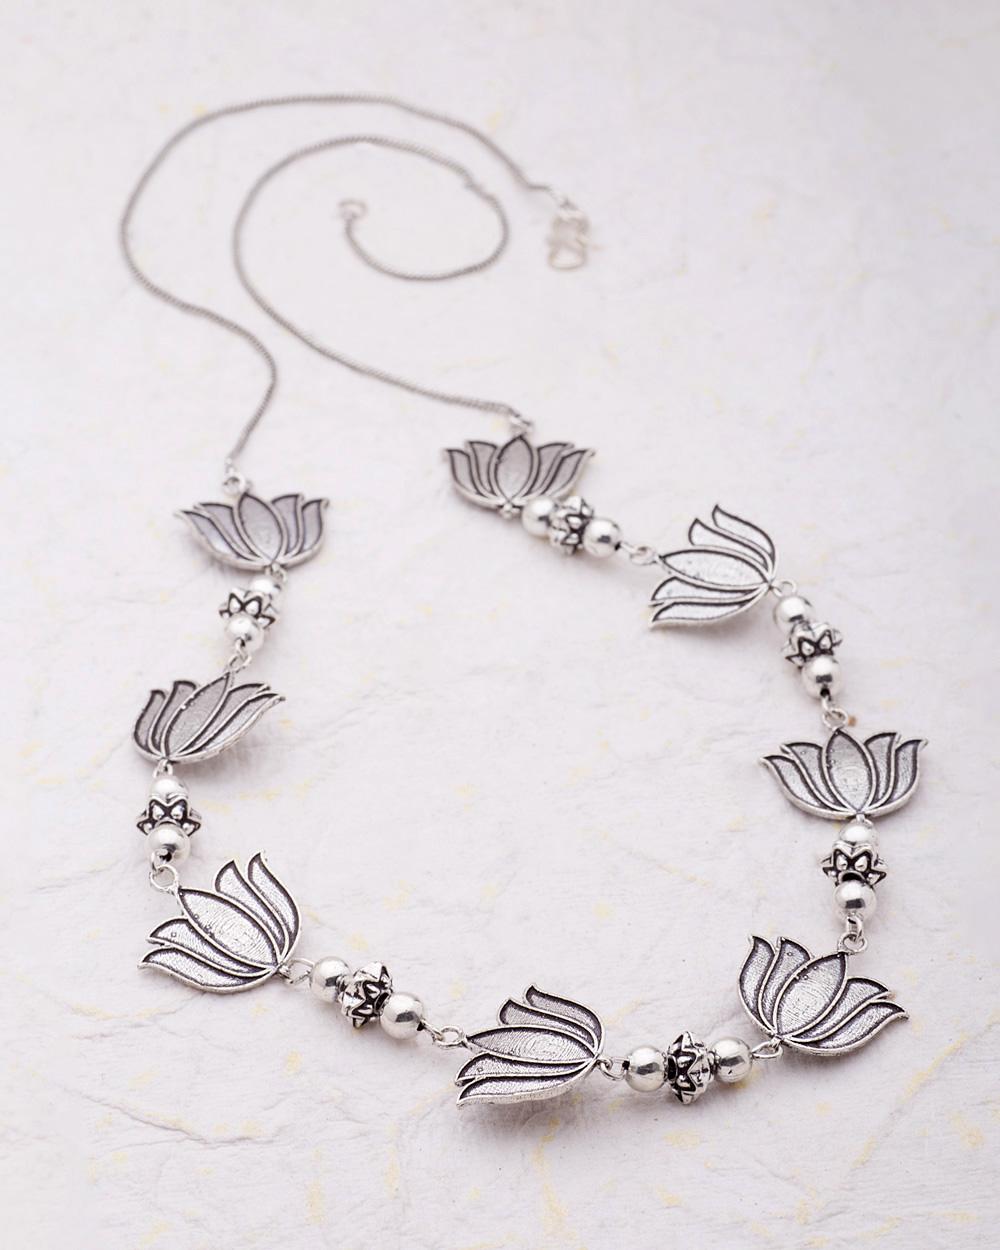 Designer Necklace with Lotus Details | Buy Designer & Fashion ...